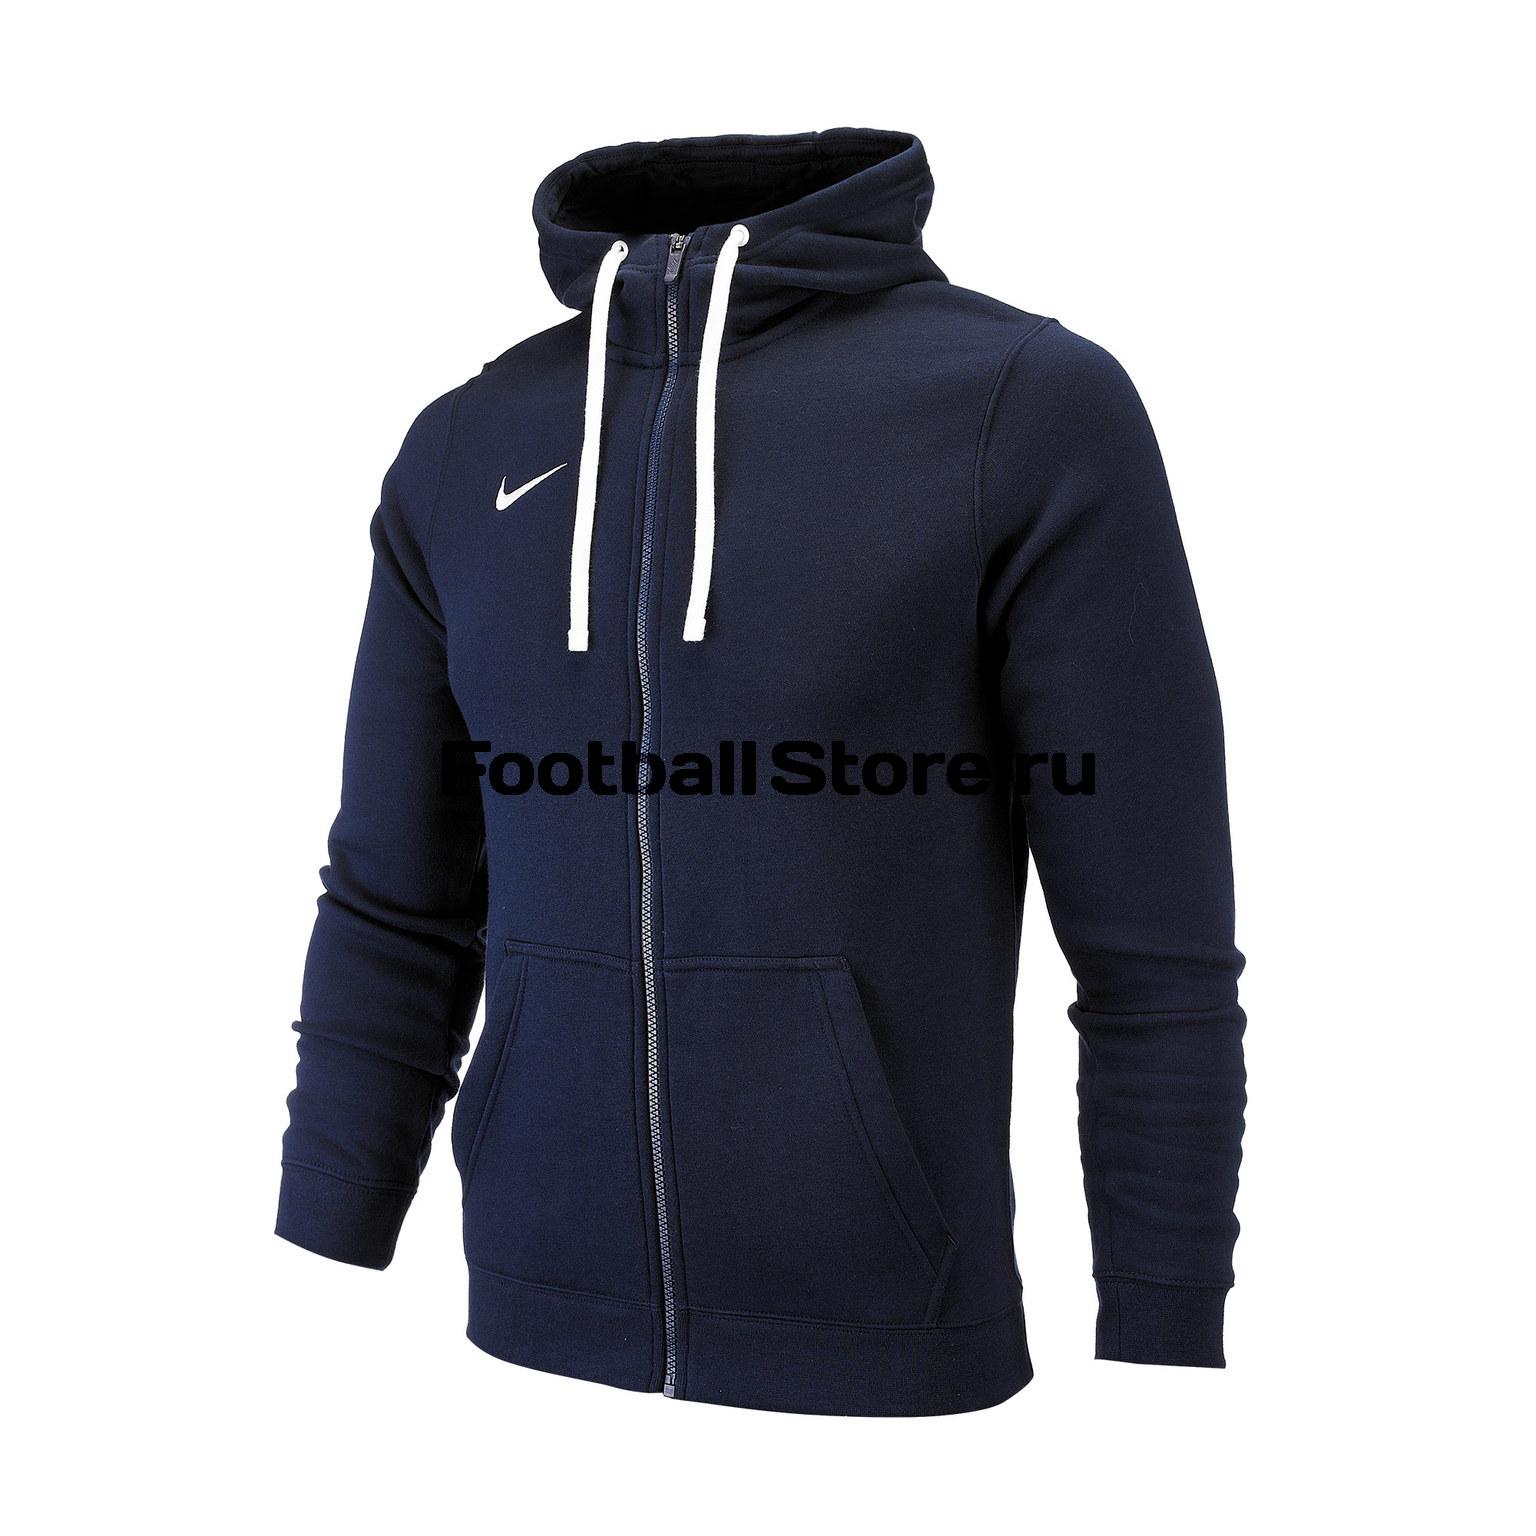 Толстовка Nike Hoodie FZ FLC Club19 AJ1313-451 недорго, оригинальная цена